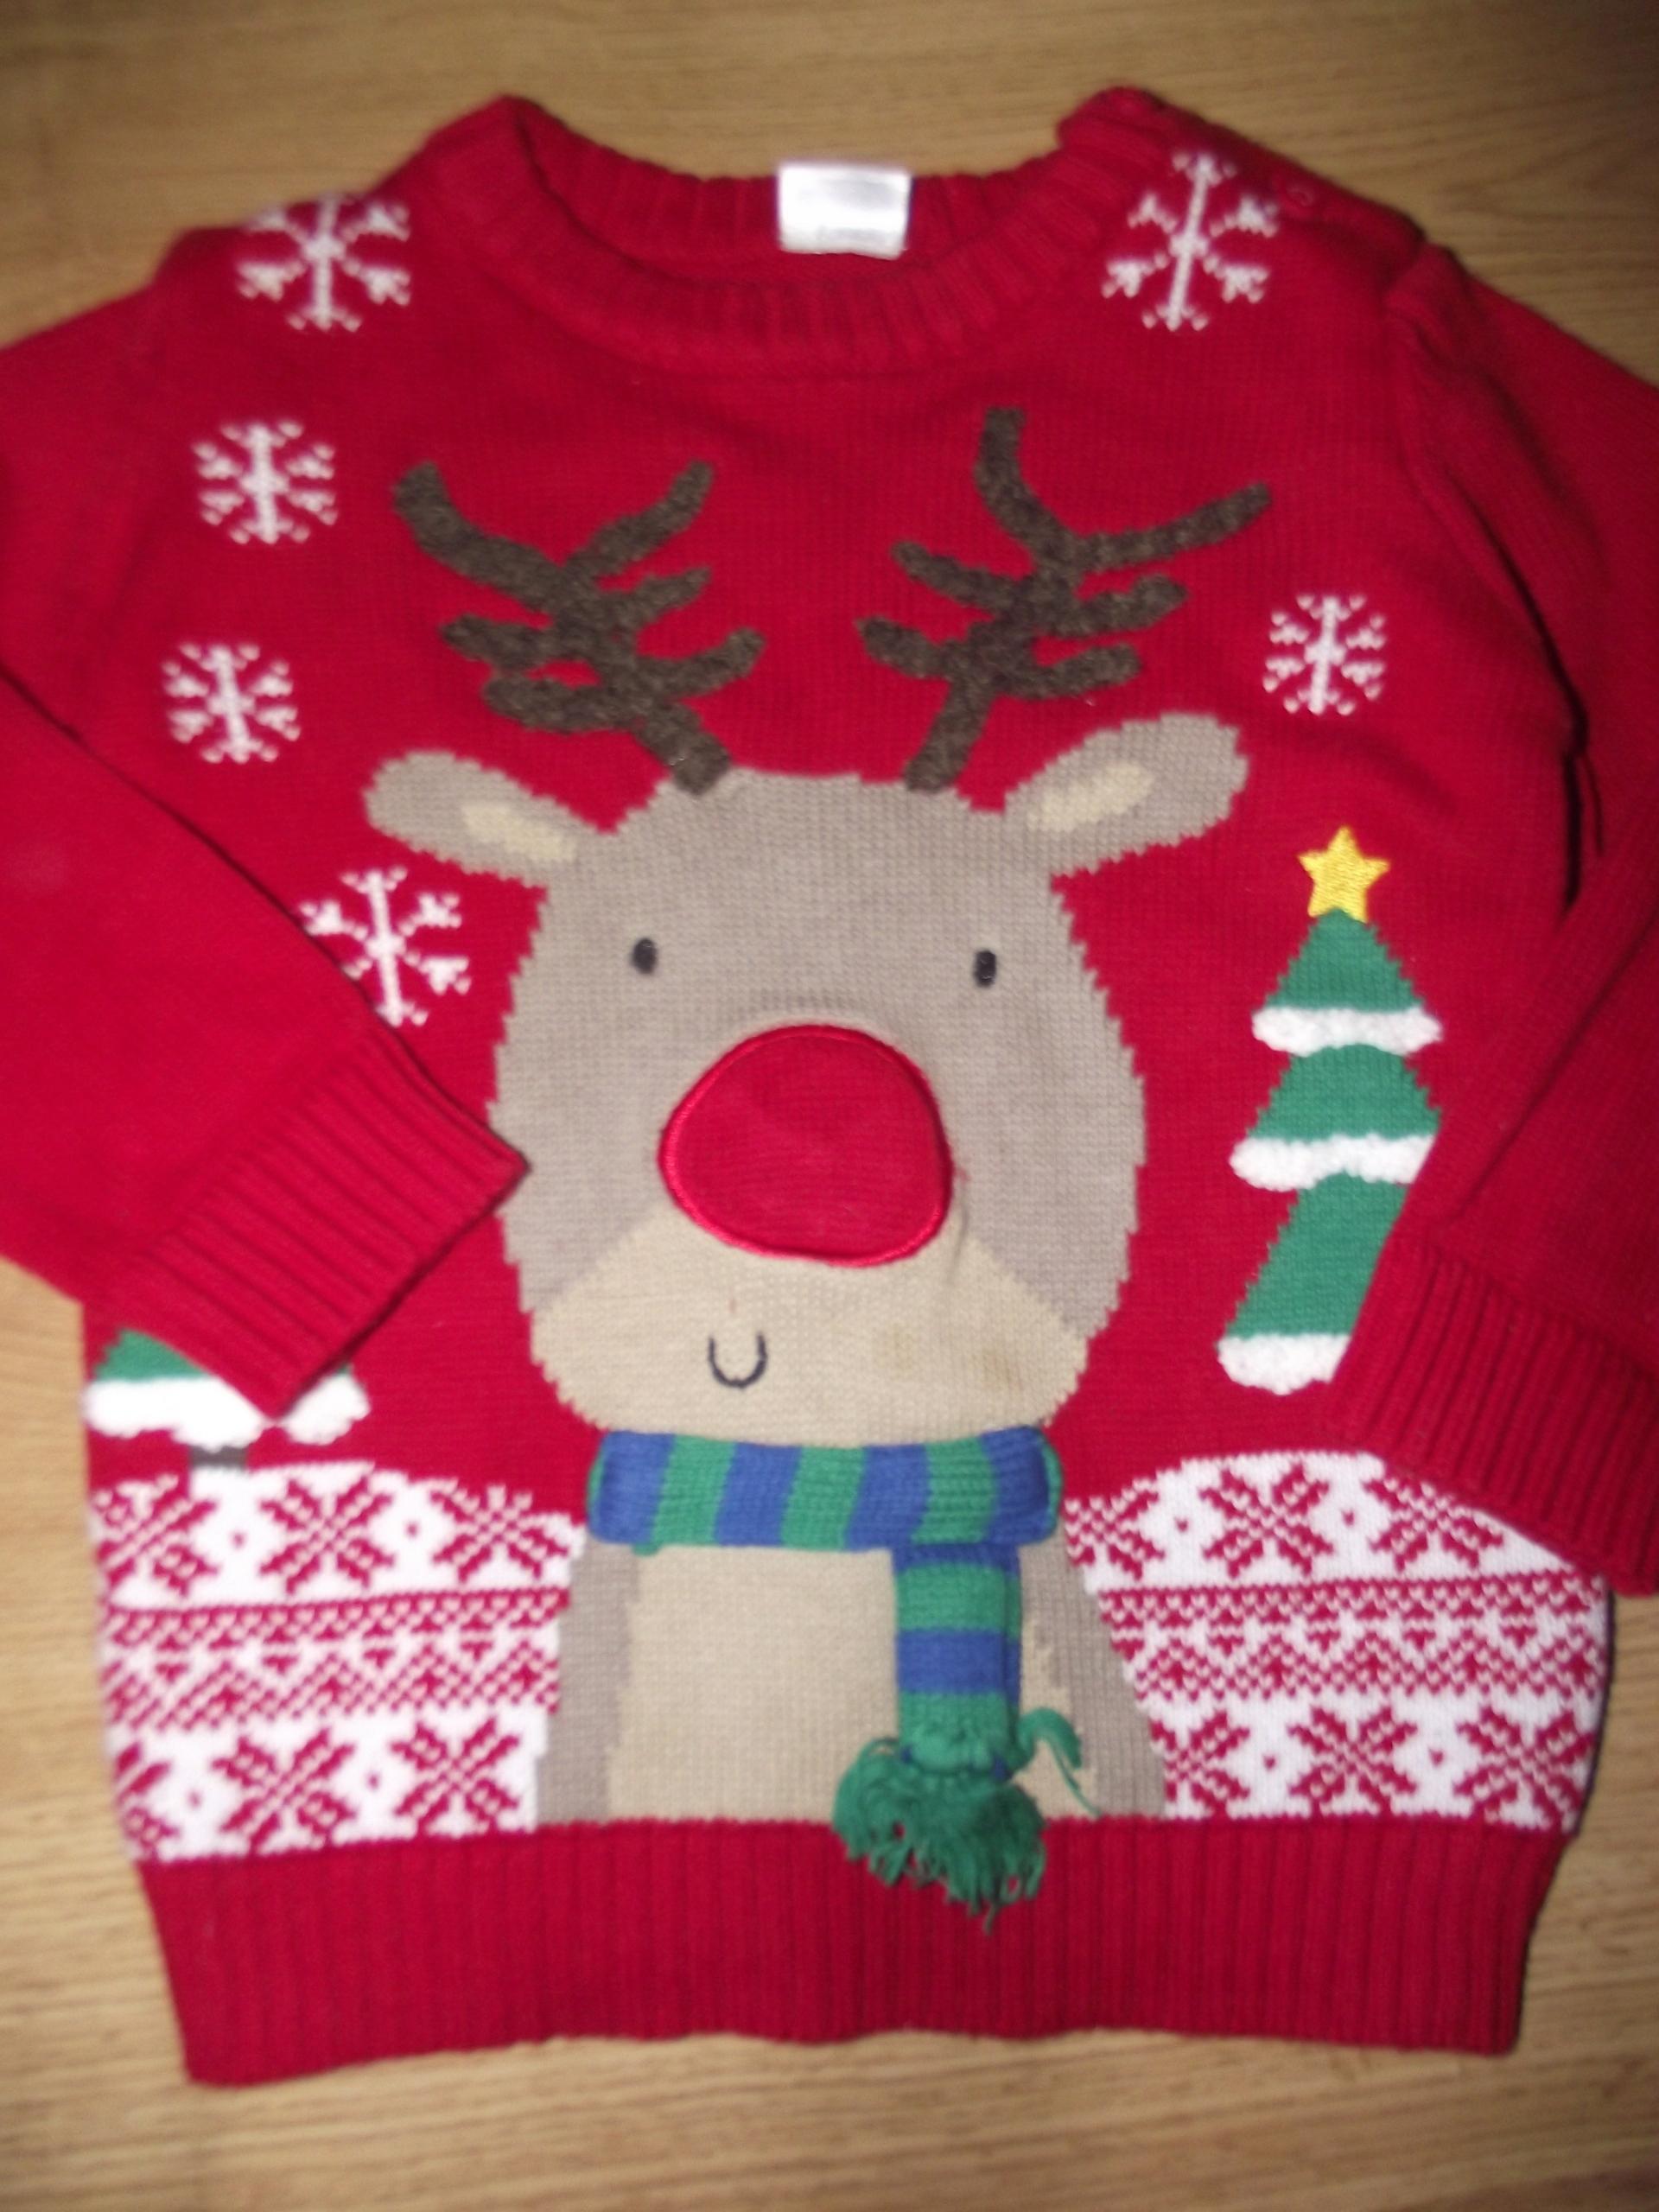 a8a0c2843cbcc4 F&F Świąteczny sweterek świecący Mikołaj 86 cm - 7682503915 ...